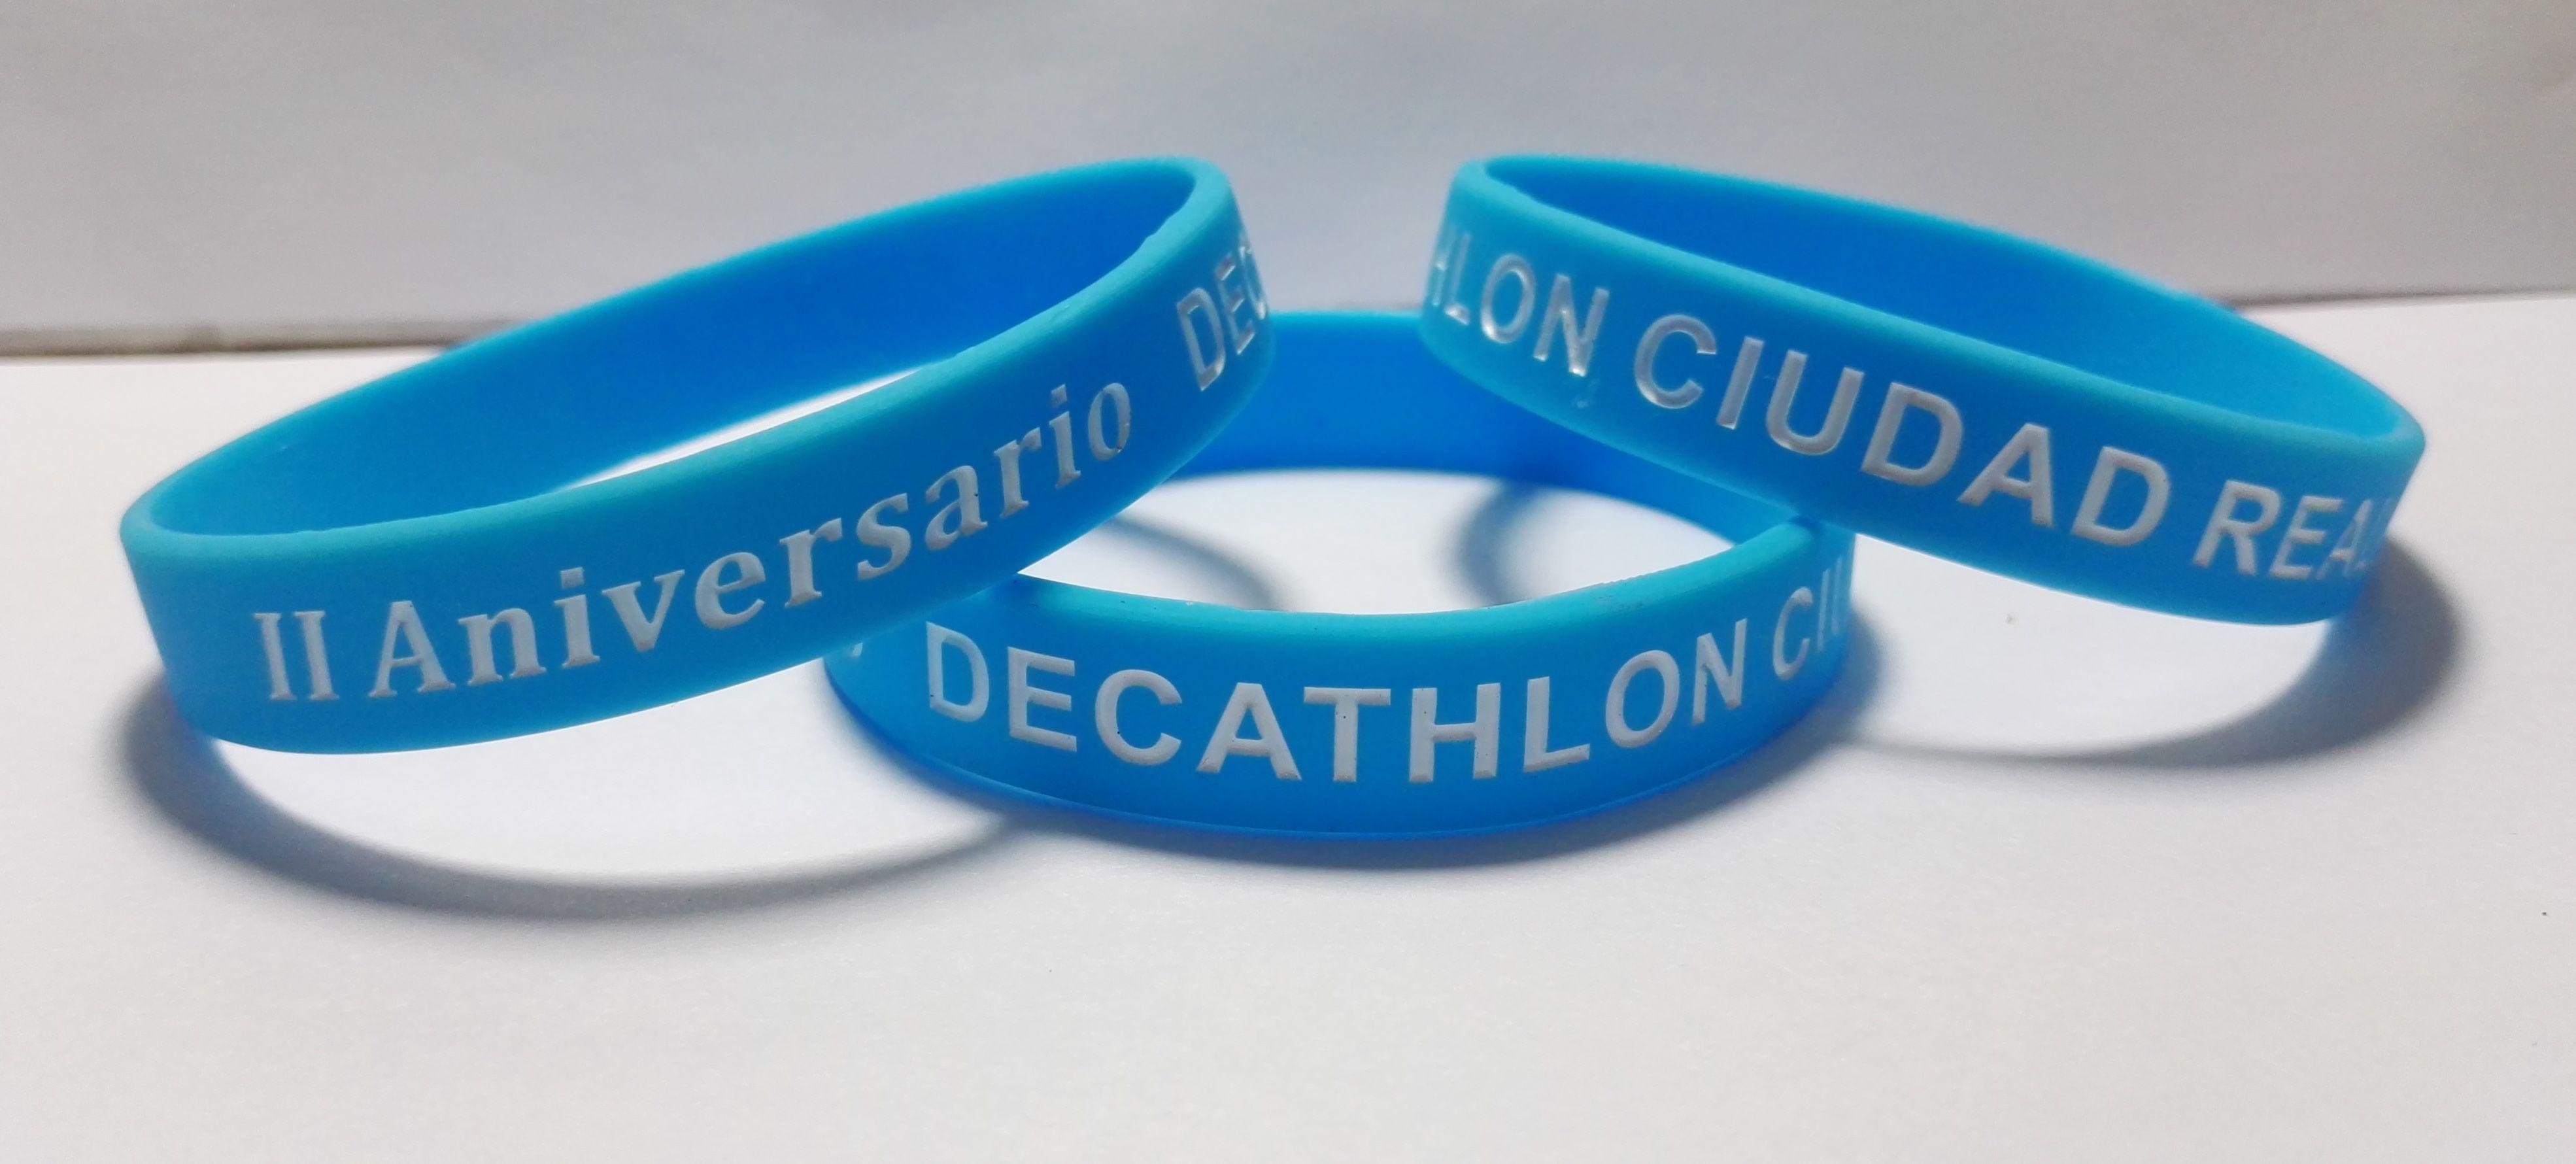 Abultar Propio Loza de barro  Pulseras promocionales #decathlon #ciudadreal   Pulseras, Silicona,  Pulseras de silicona